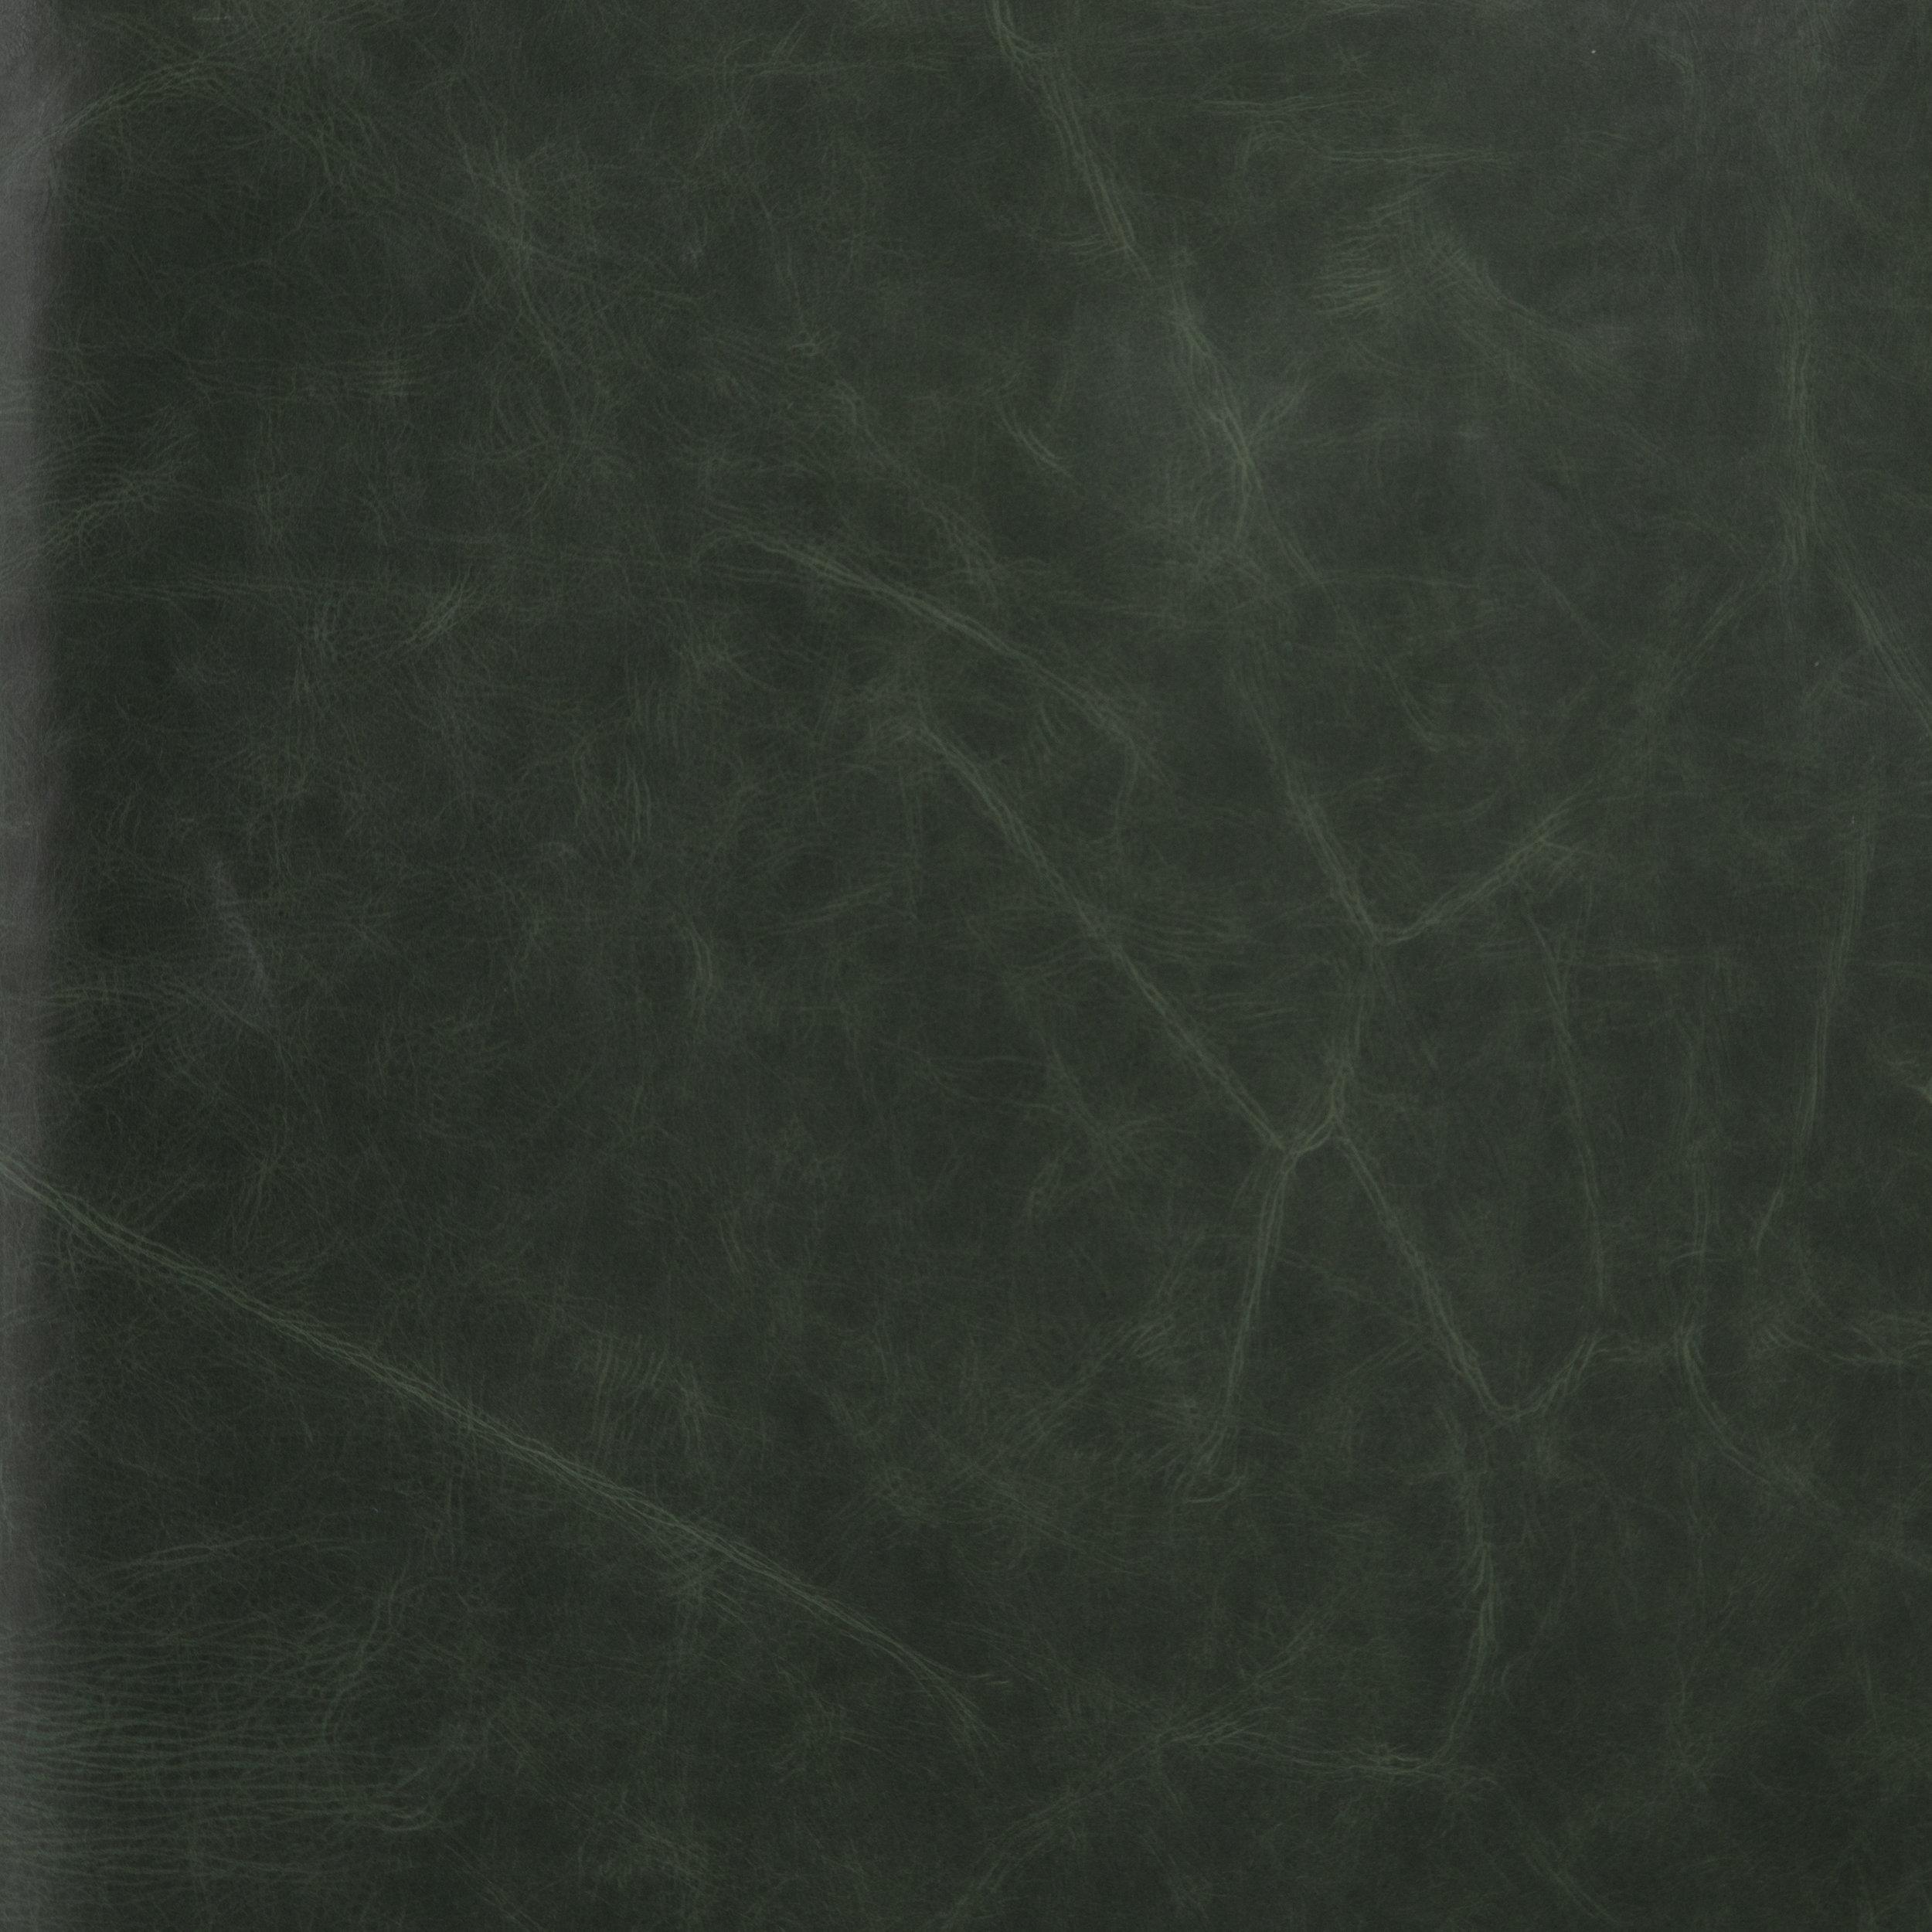 CASH-19955-889_DET_2.jpg